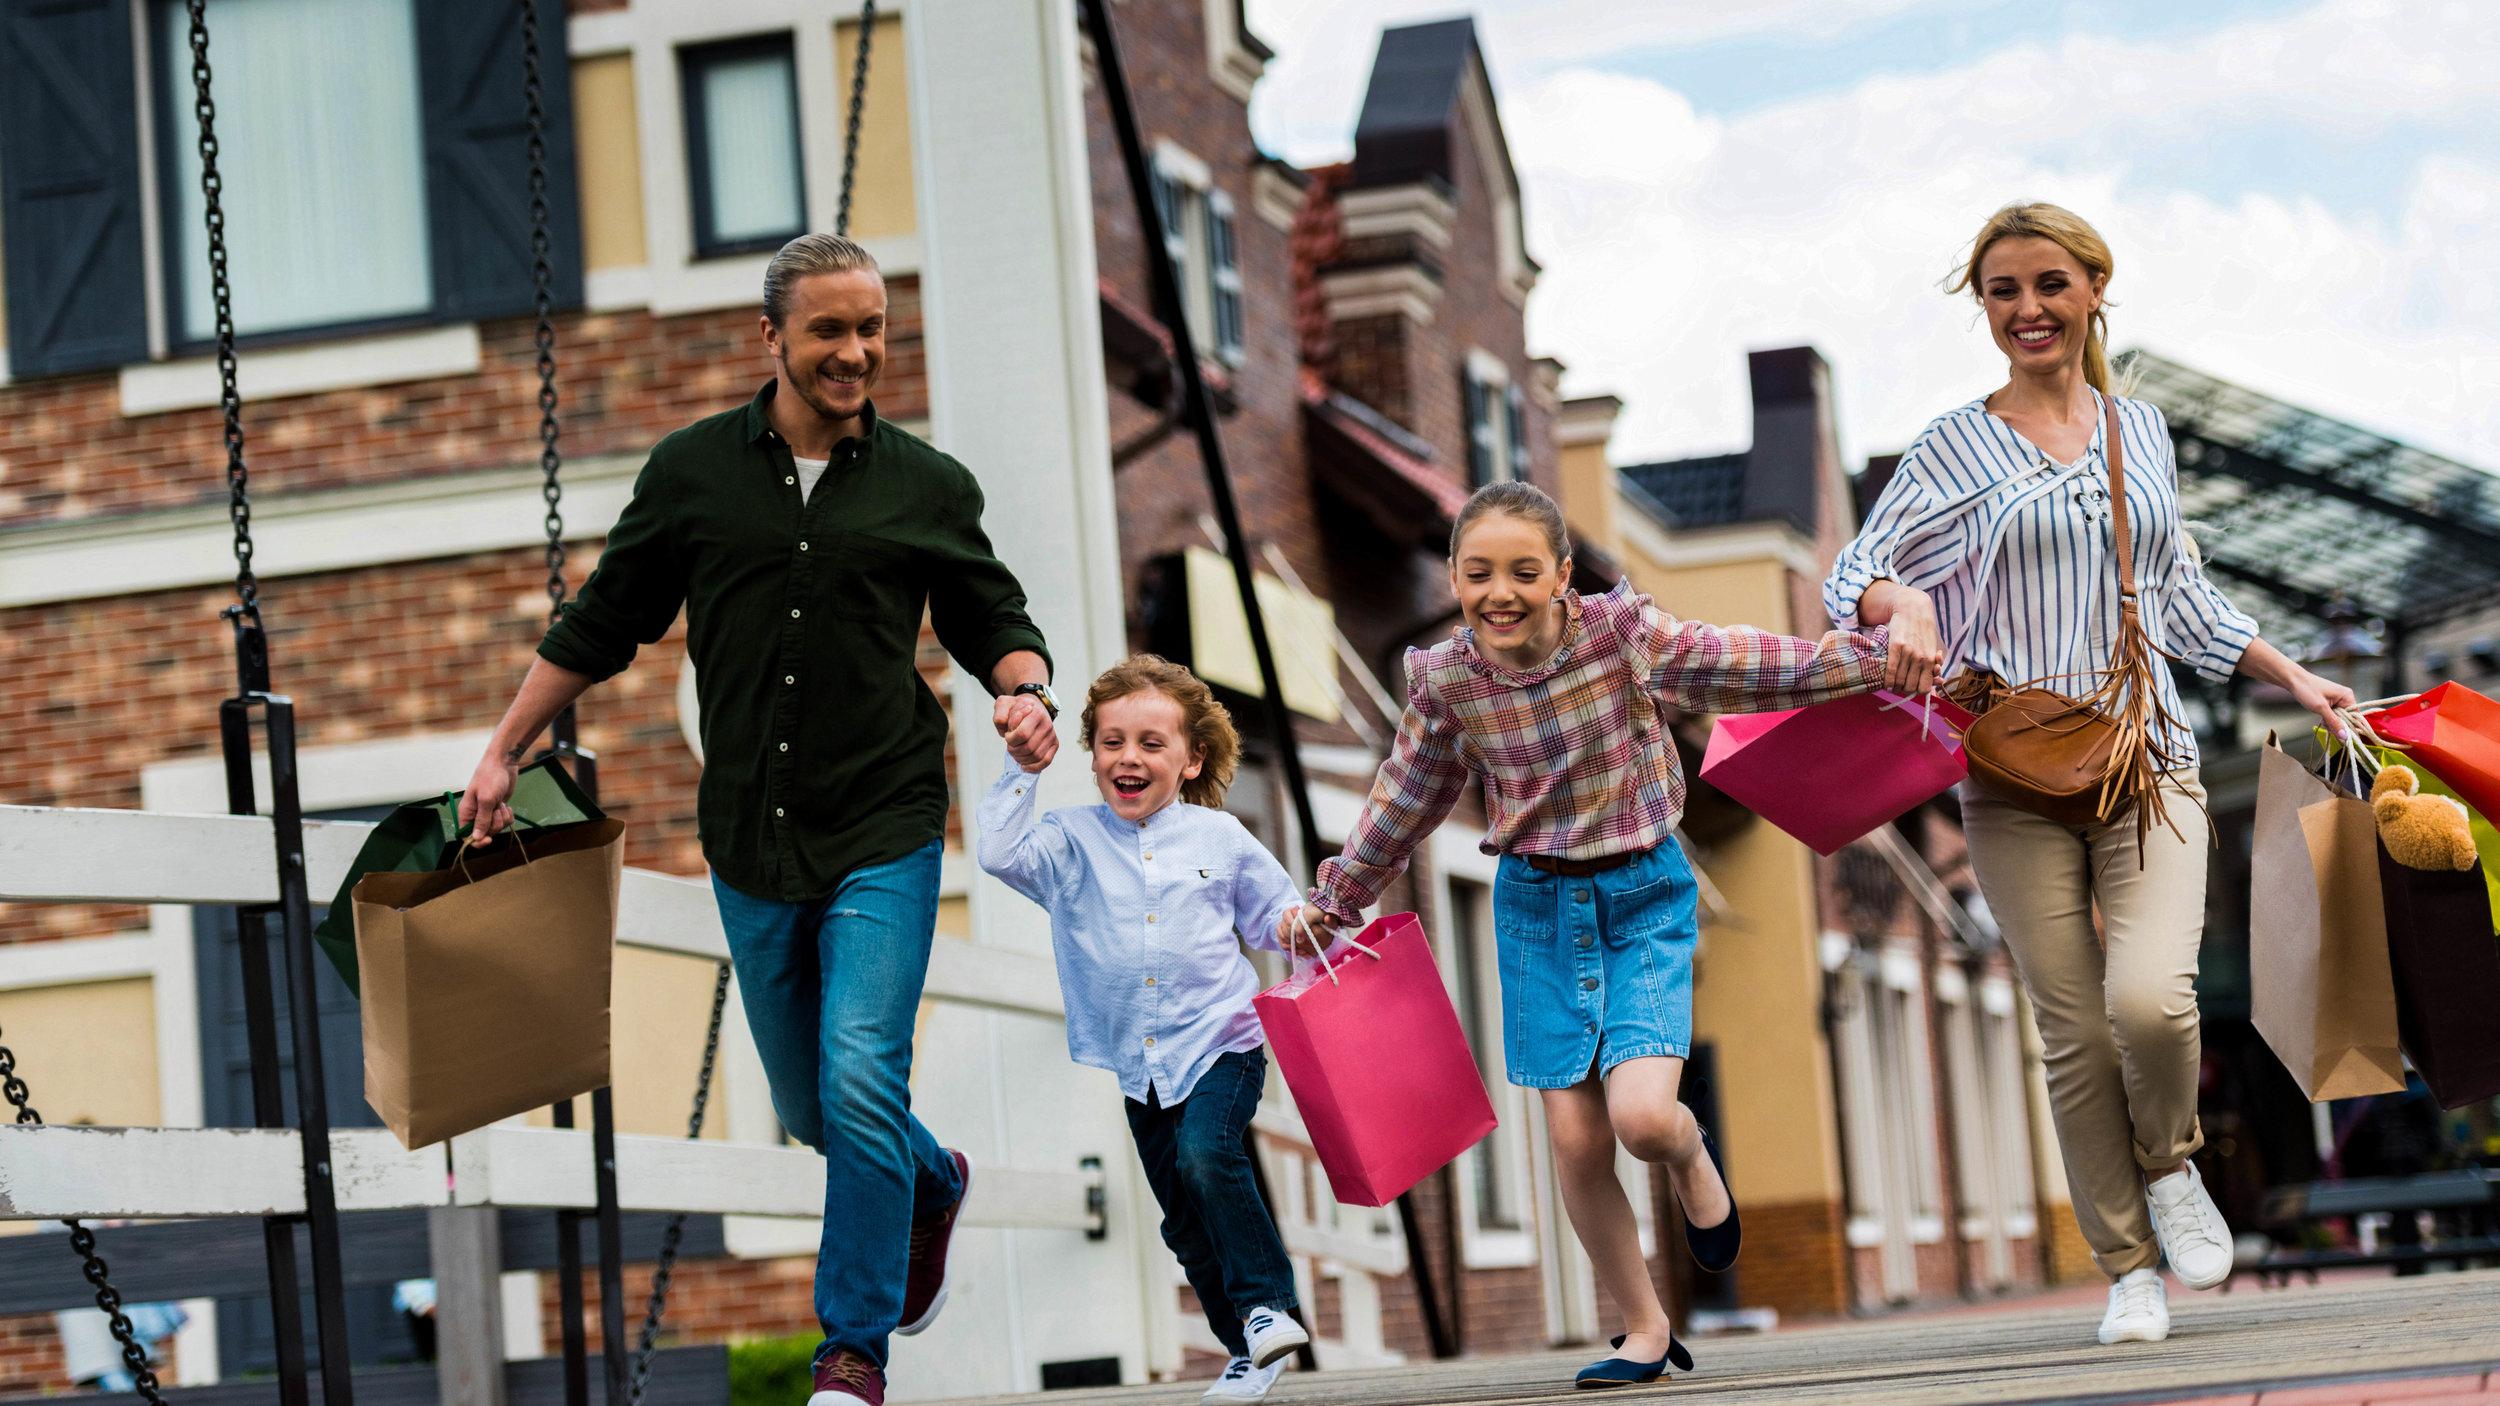 shopping-family-alr-.jpg